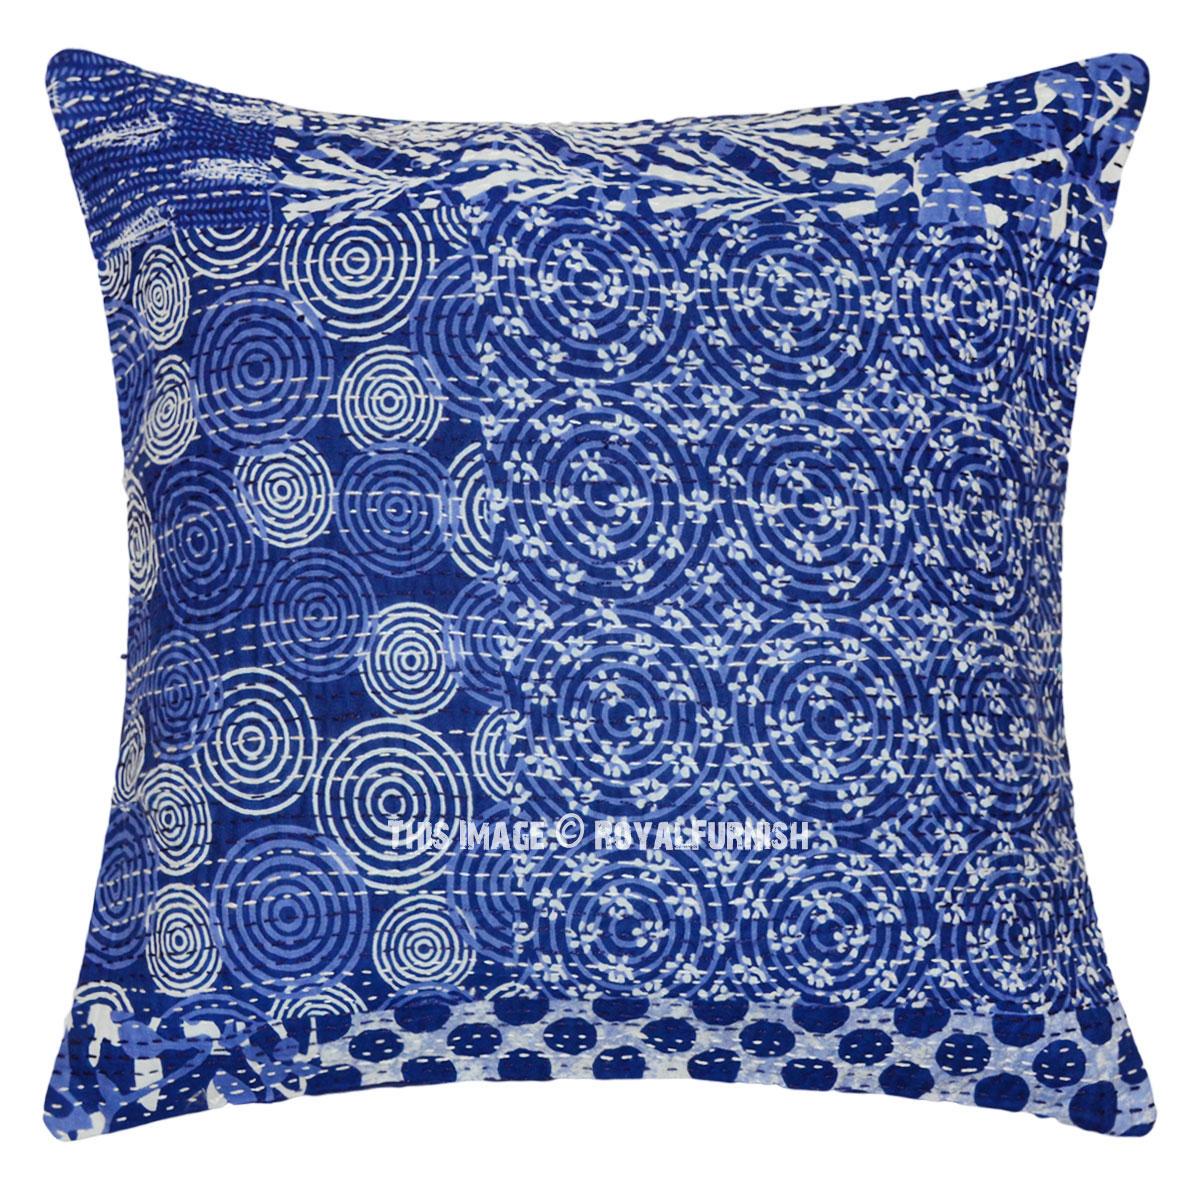 Indigo Blue Meader Throw Pillow Cover Royalfurnish Com